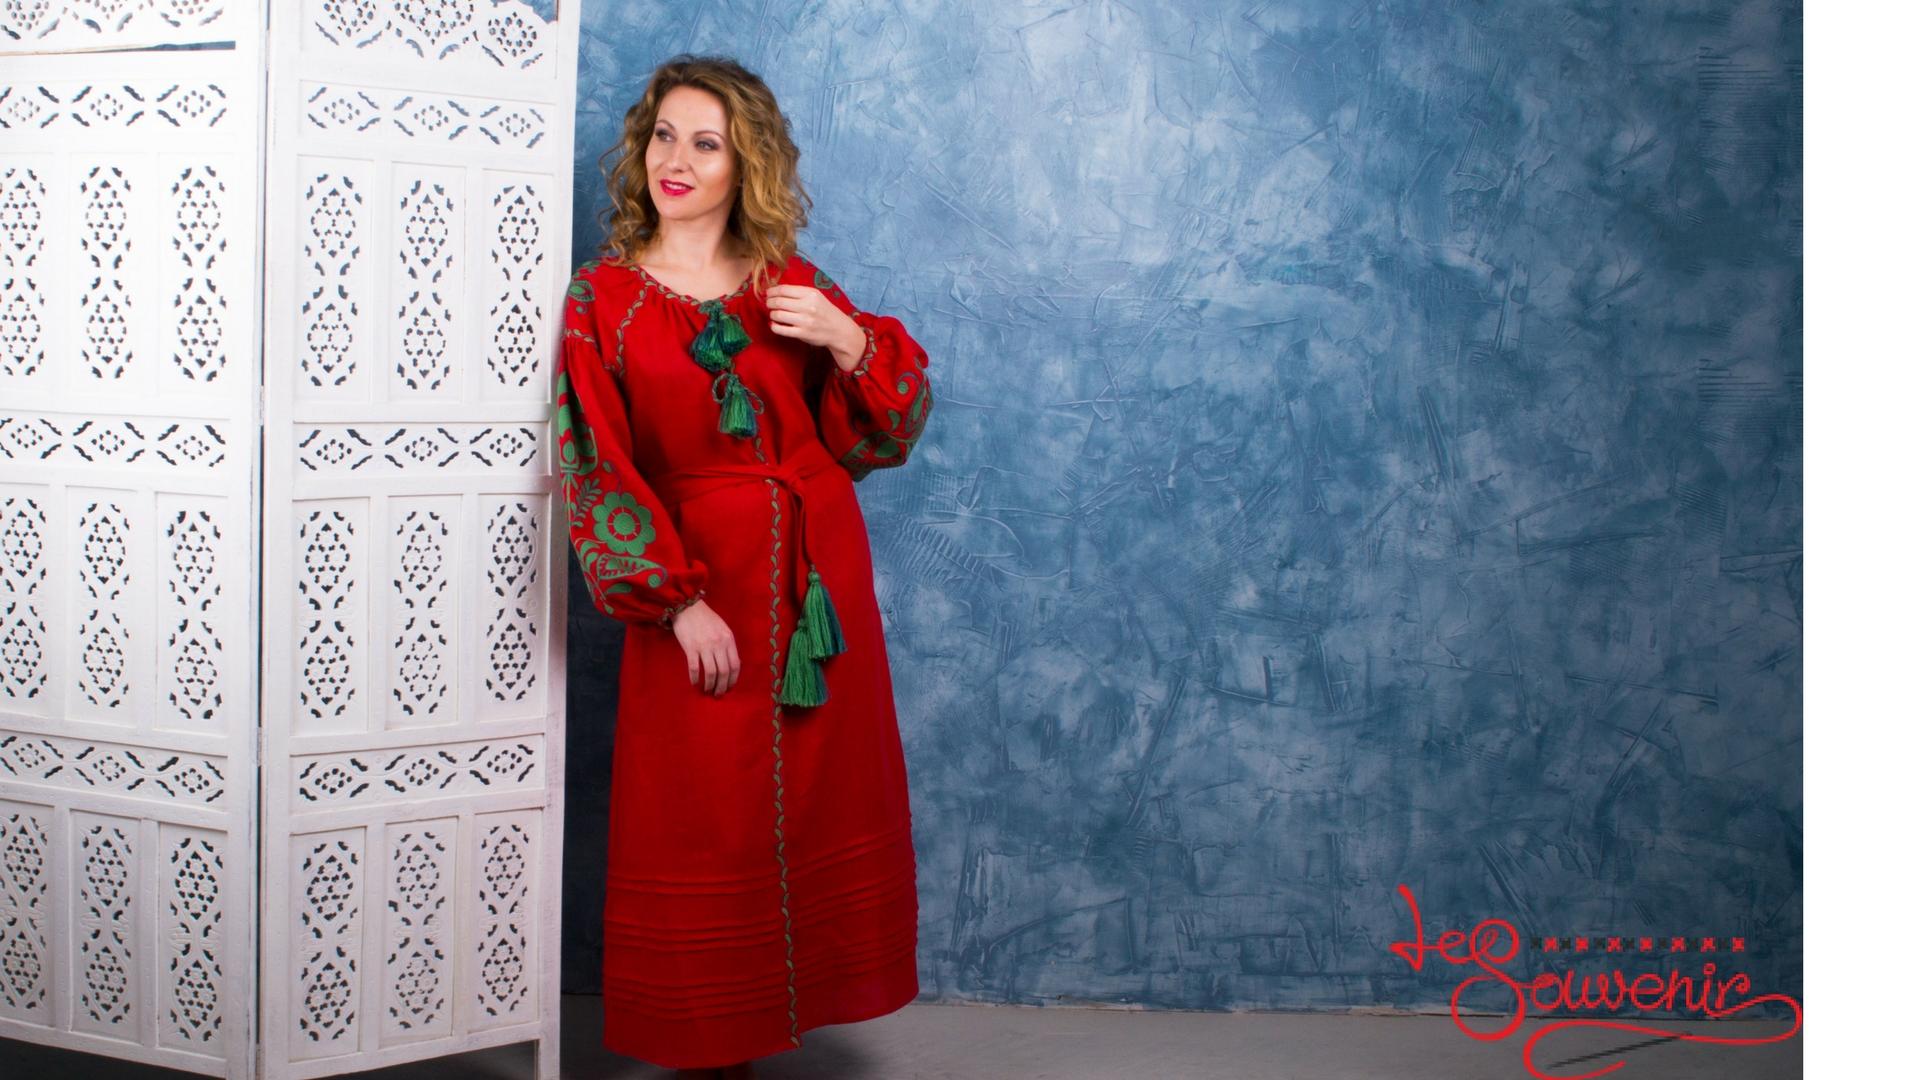 А як неперевершено виглядає тендітна жіноча фігура у народному українському  вбранні – вишитій сукні. Сьогодні плаття-вишиванка може мати який завгодно  фасон ... a475a2f2d7f85